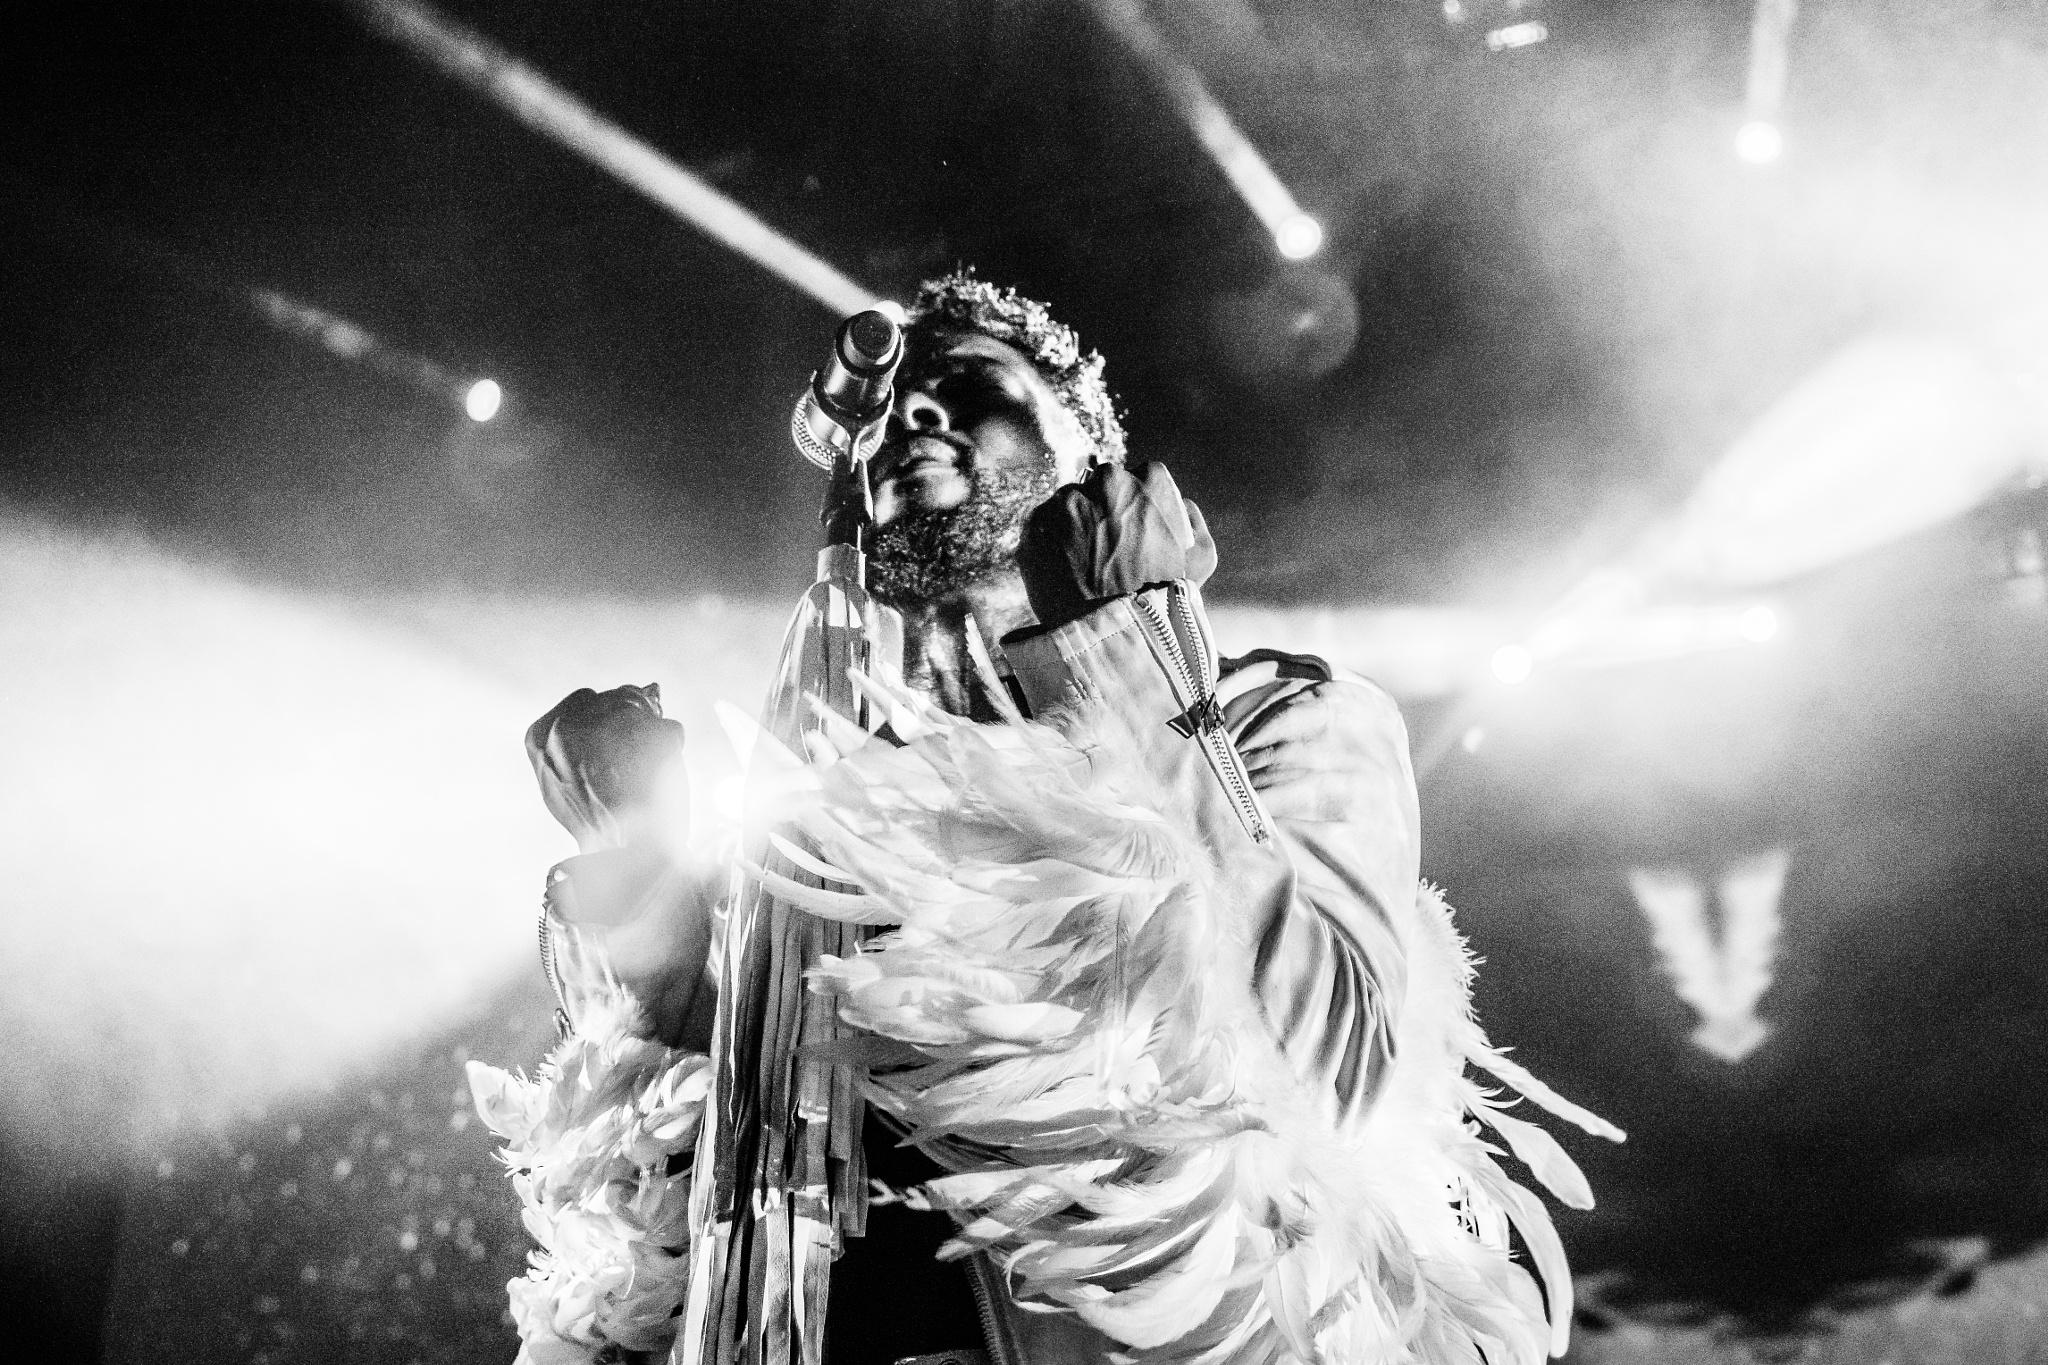 Miguel live in paris 2015 by Fouad Lakbir